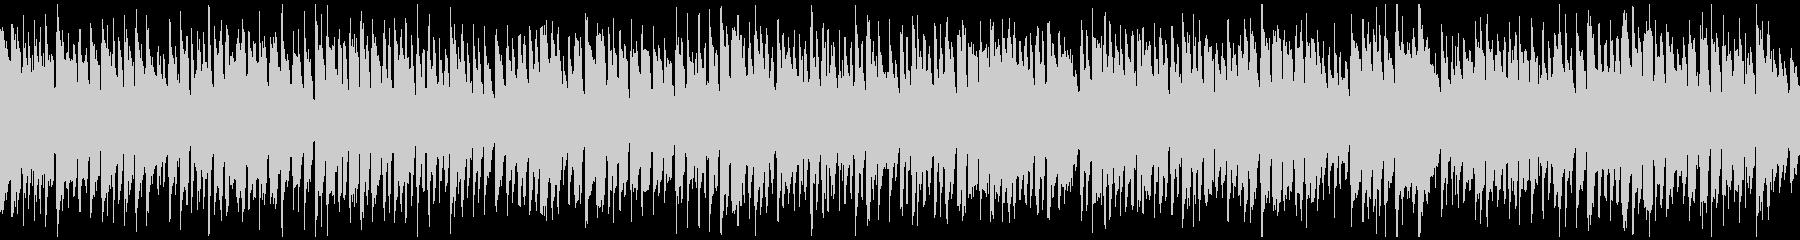 ウキウキ陽気で元気なリコーダー※ループ版の未再生の波形